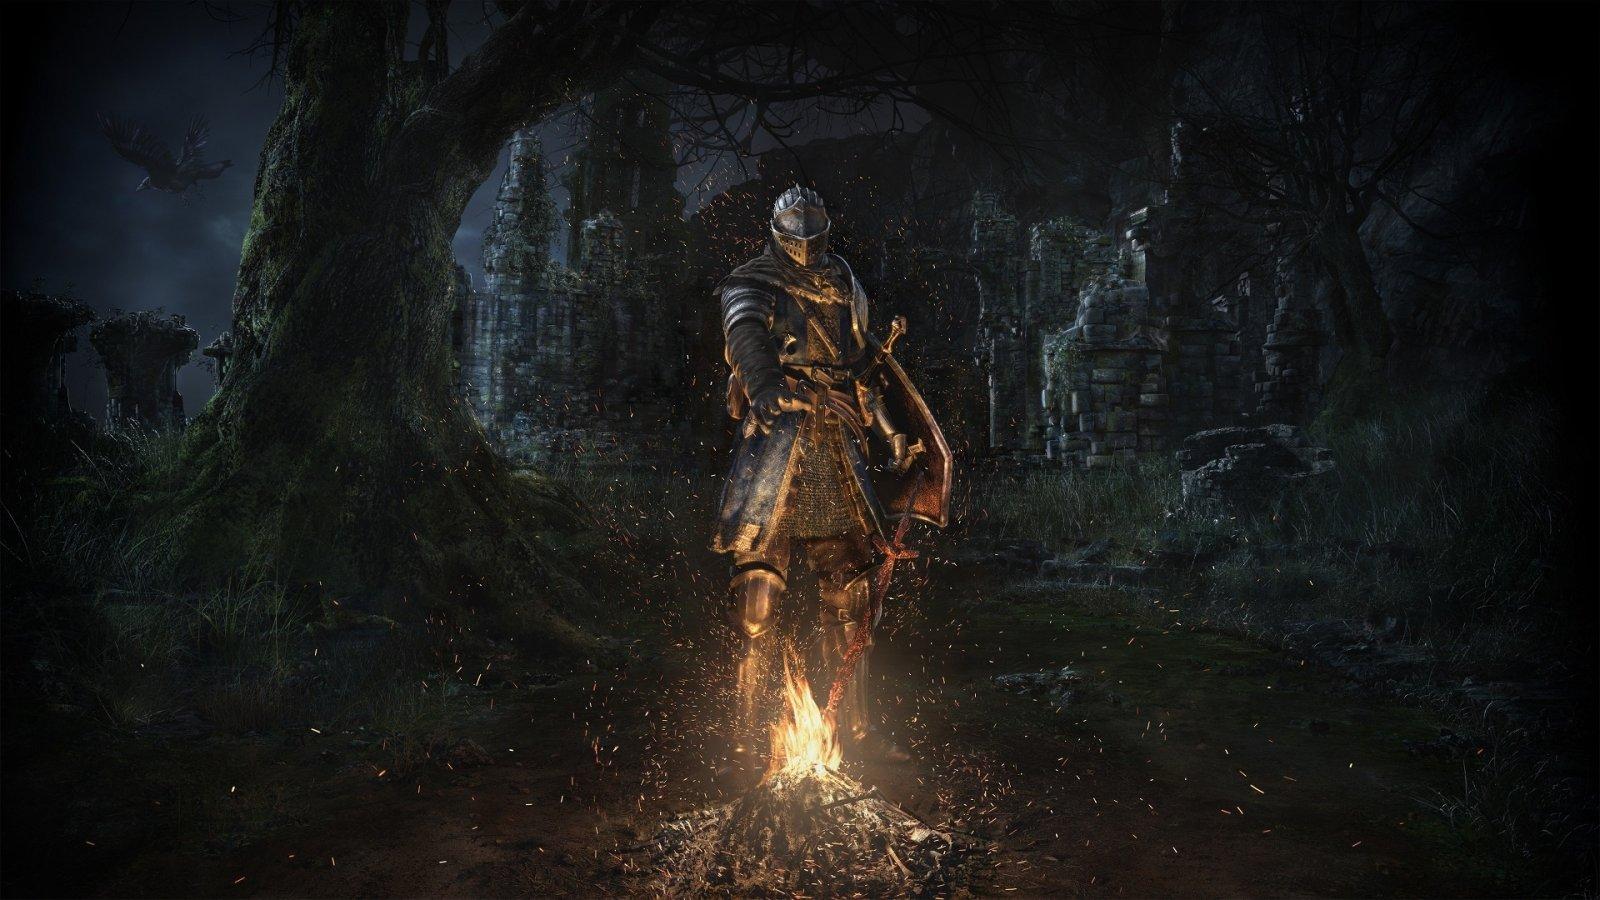 《黑暗之魂 复刻版》各版本详细信息及典藏版内容